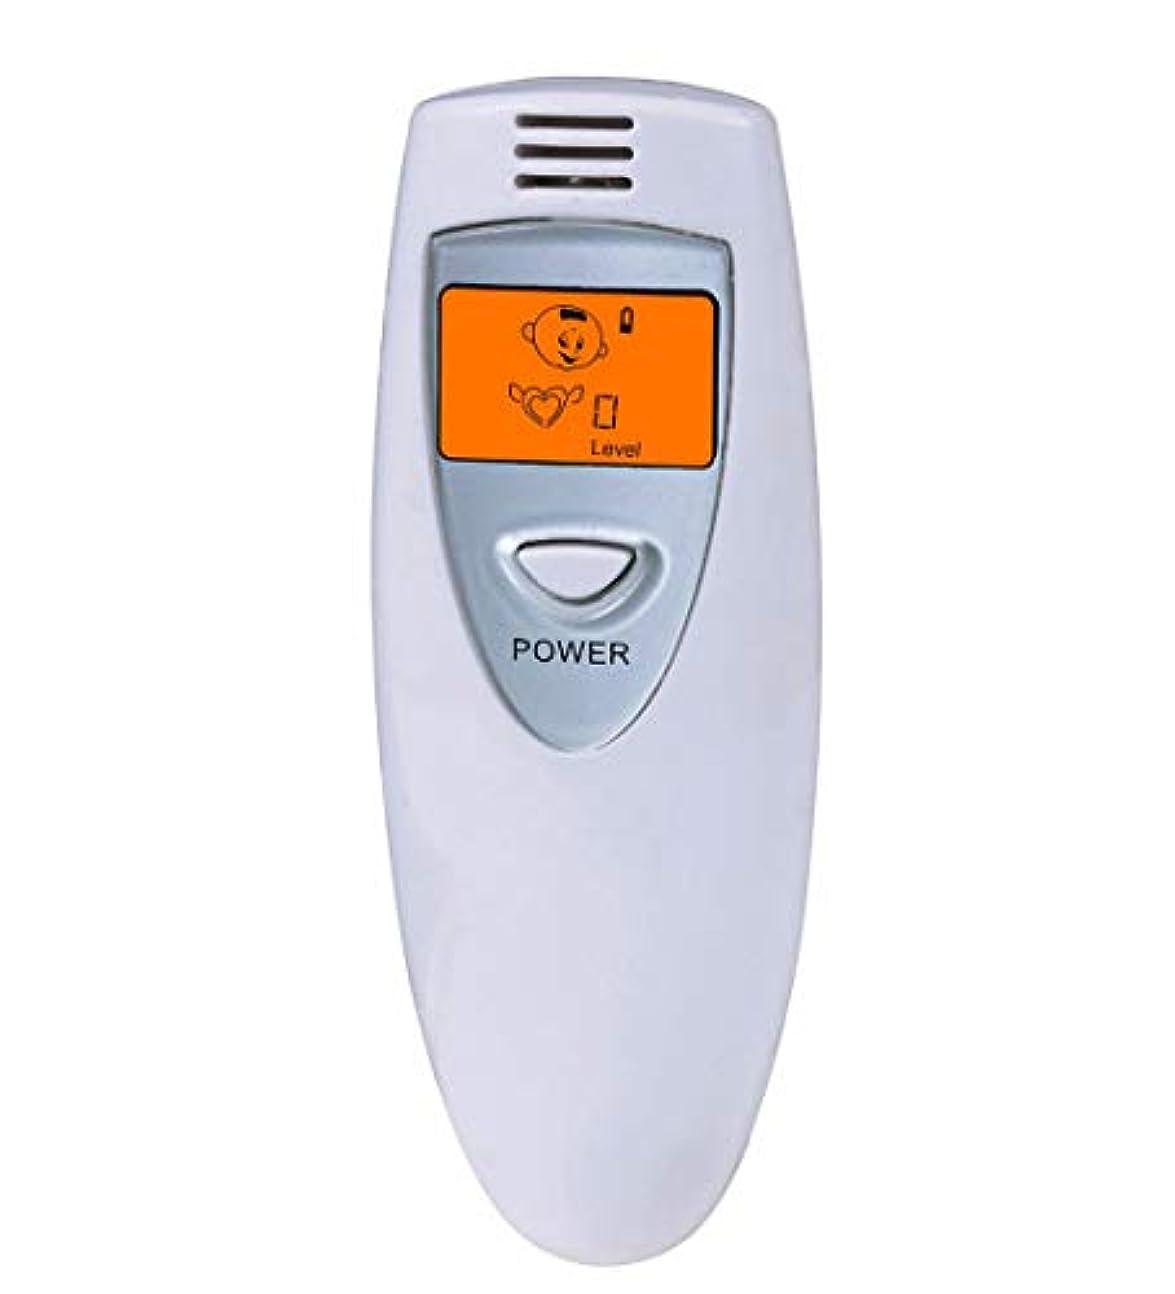 艦隊クモへこみ【瞬時測定】 携帯ブレスチェッカー デジタル口臭チェッカー 5段階レベル表示 コンパークト口臭予防検査器 大人子供エチケット (Grey)